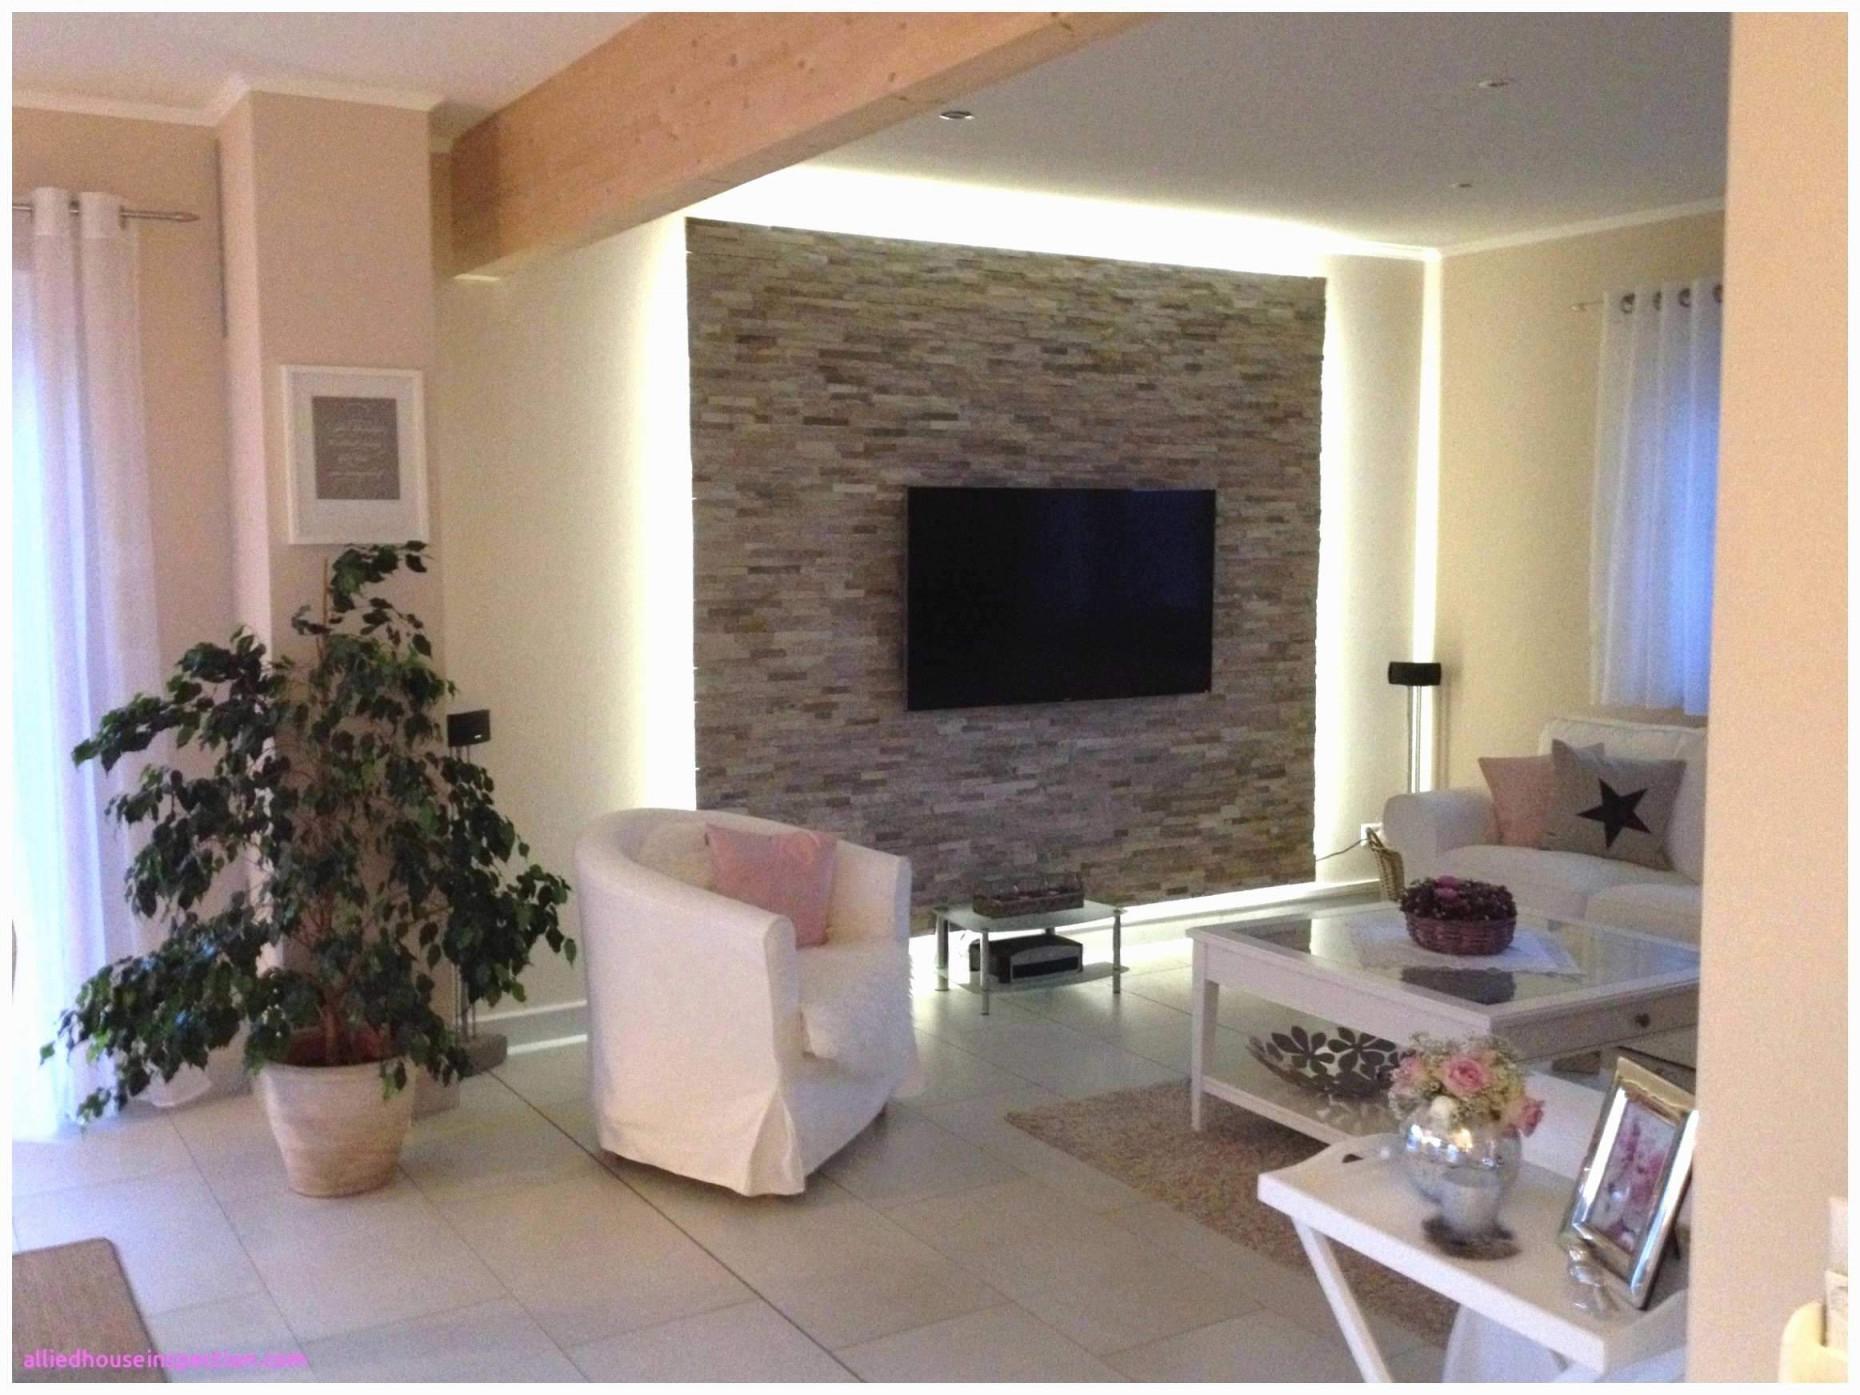 32 Das Beste Von Wohnzimmer Gestalten Modern Neu von Wohnzimmer Gestalten Modern Bild